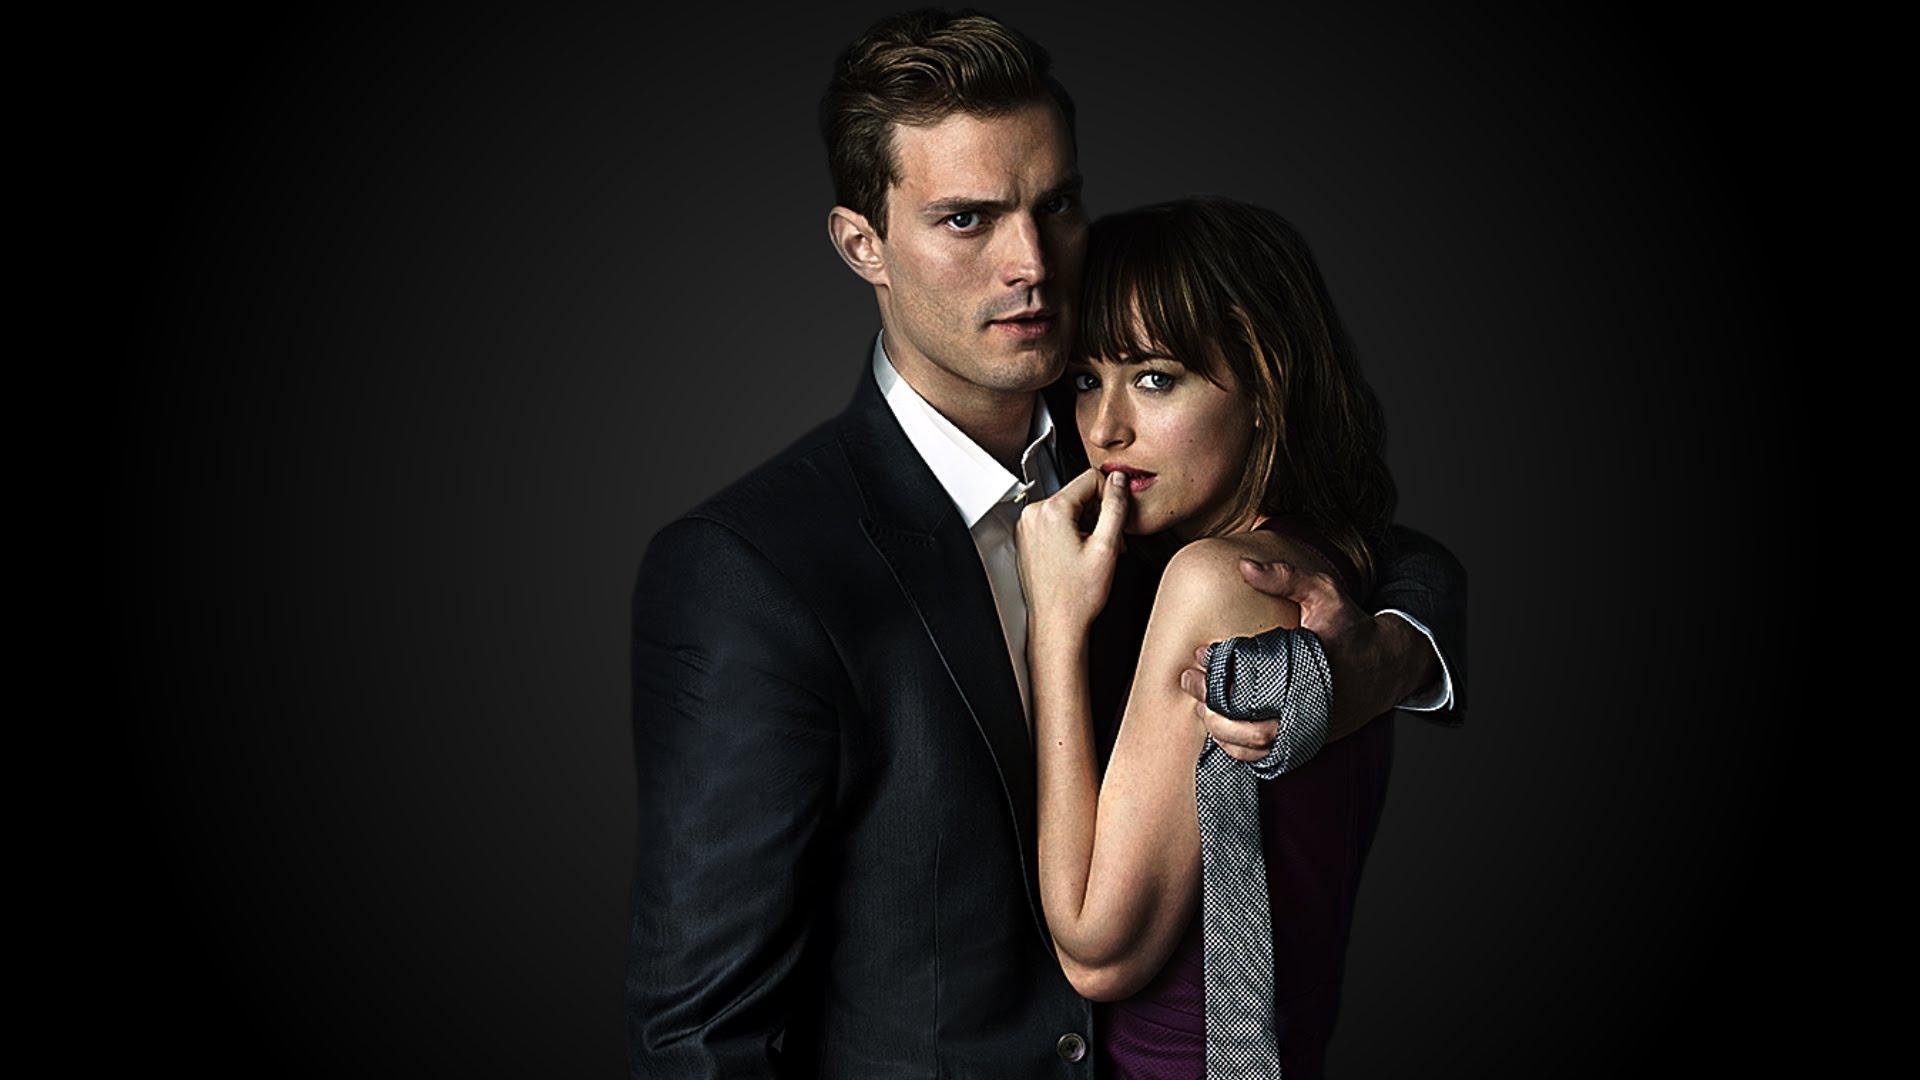 Mr. Grey'inki Sizde Yok Diye Mi Ayıplanıyorsunuz?